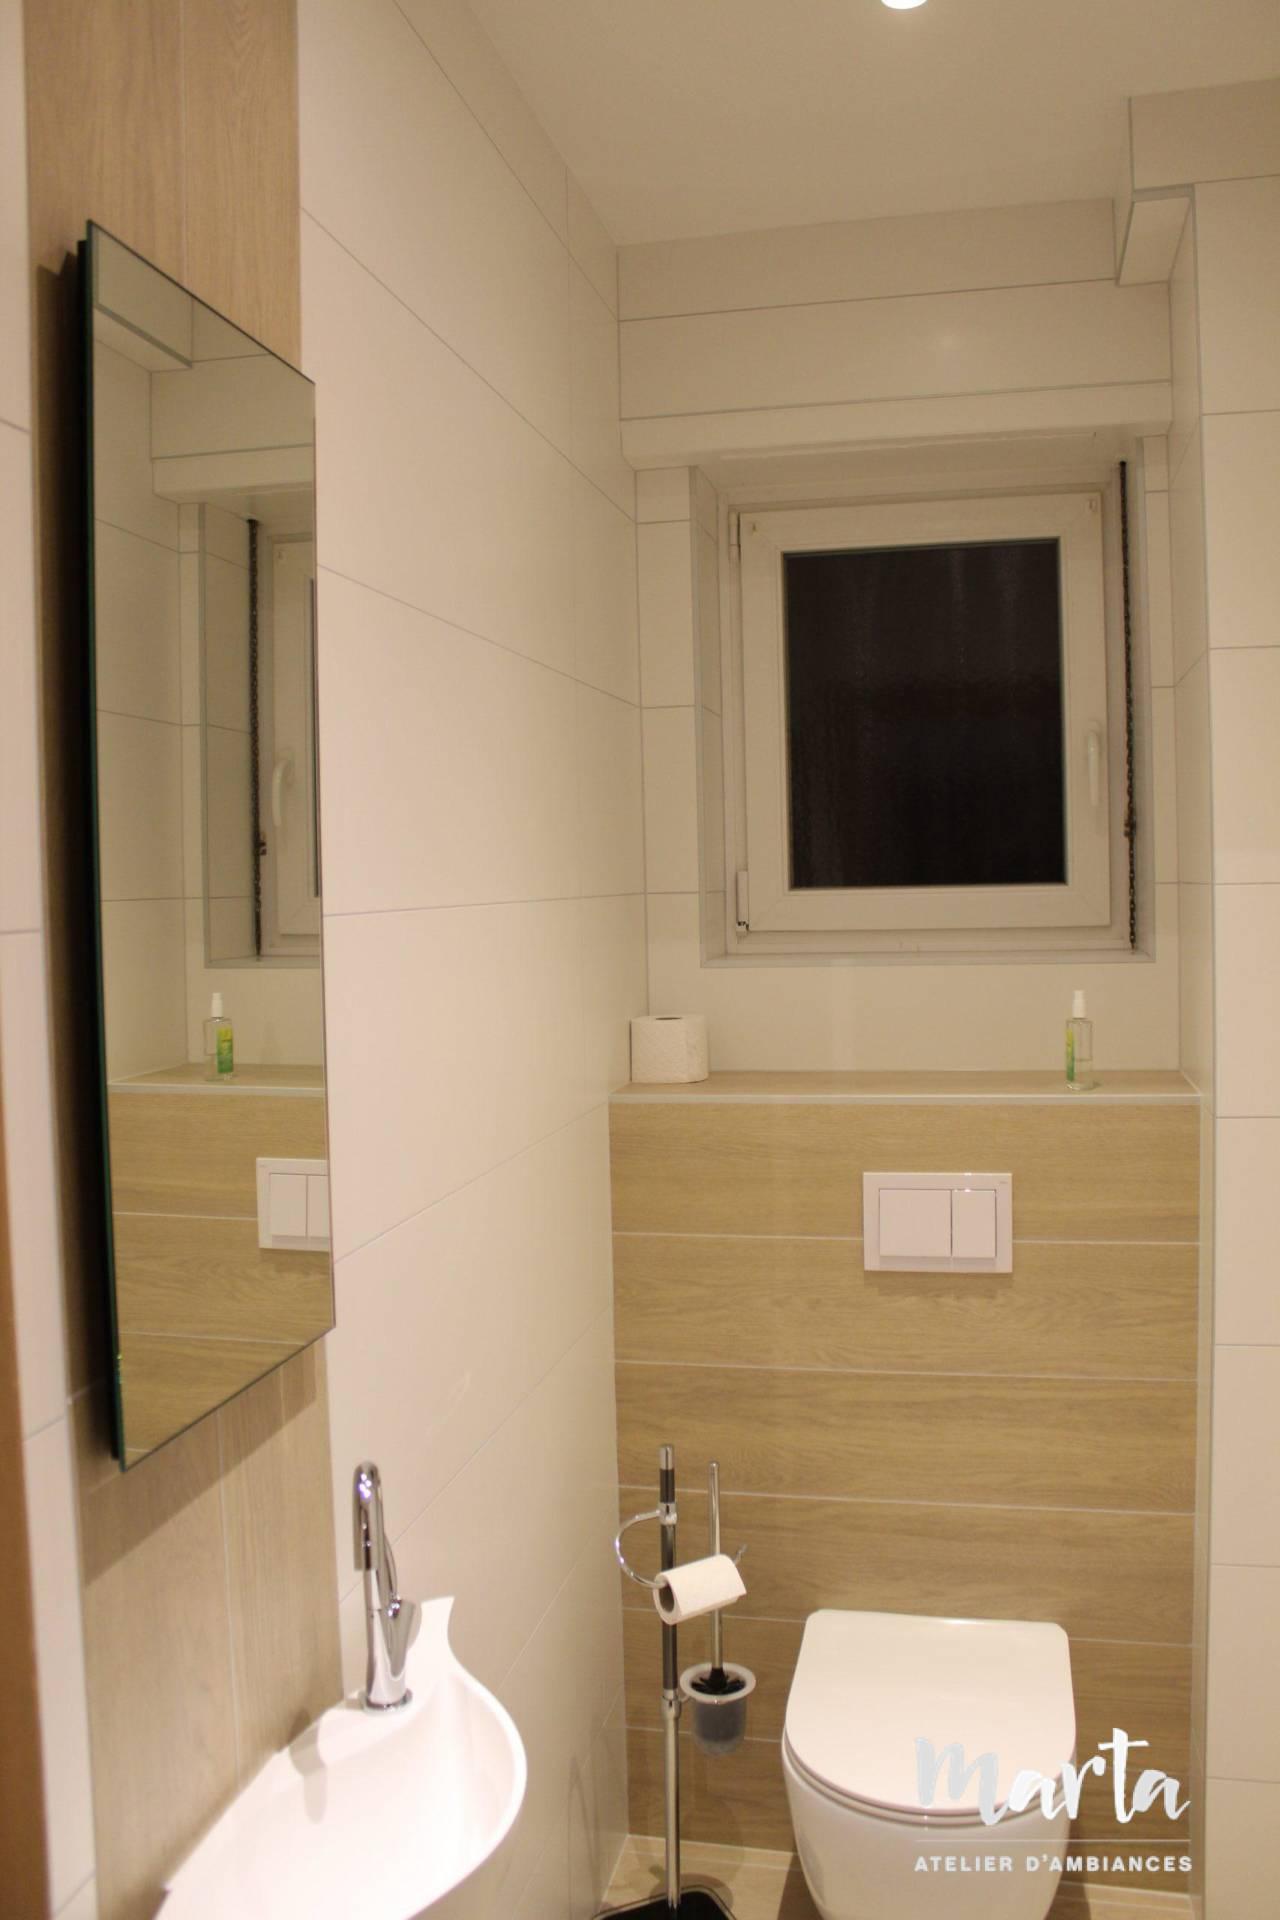 Les toilettes effet bois et blanc, par Marta Atelier d'Ambiances, Architecte d'intérieur à Mulhouse, Alsace